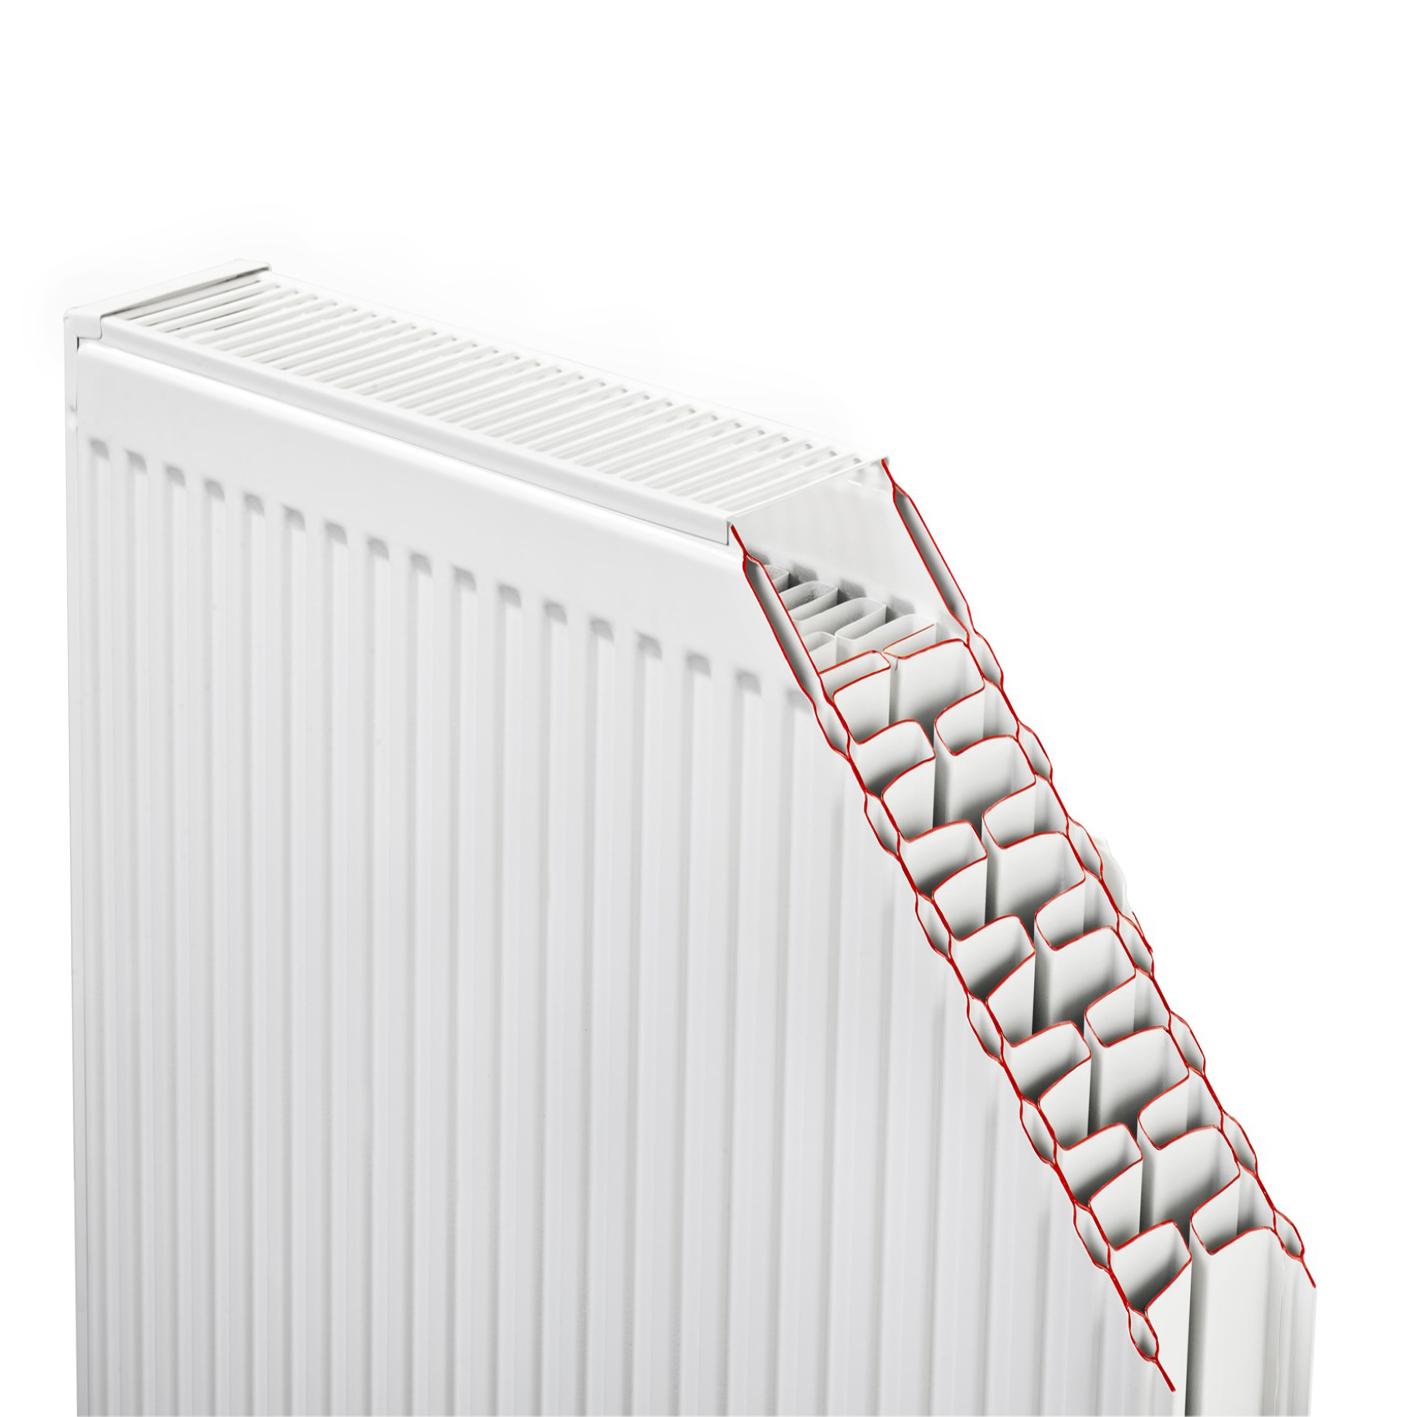 Dlüx 600x1200 Panel Radyatör